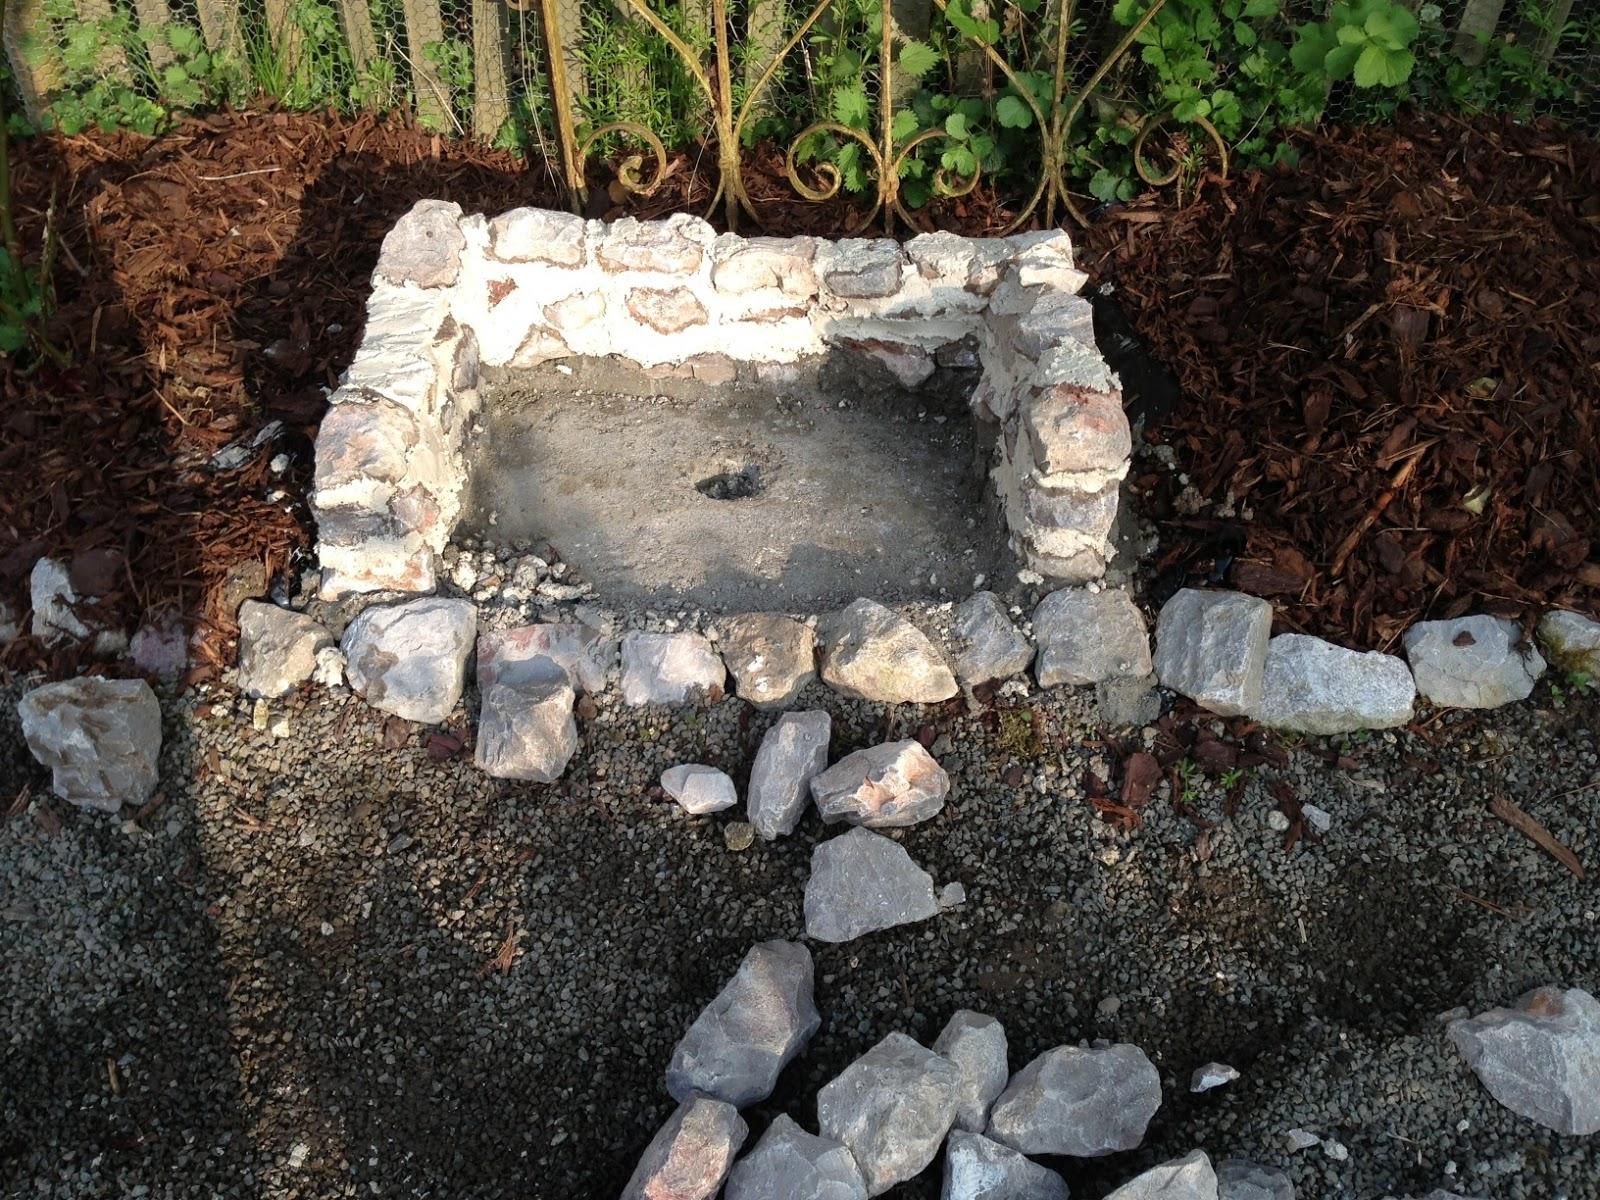 La ferme des blancs pignons: une niche pour une statue